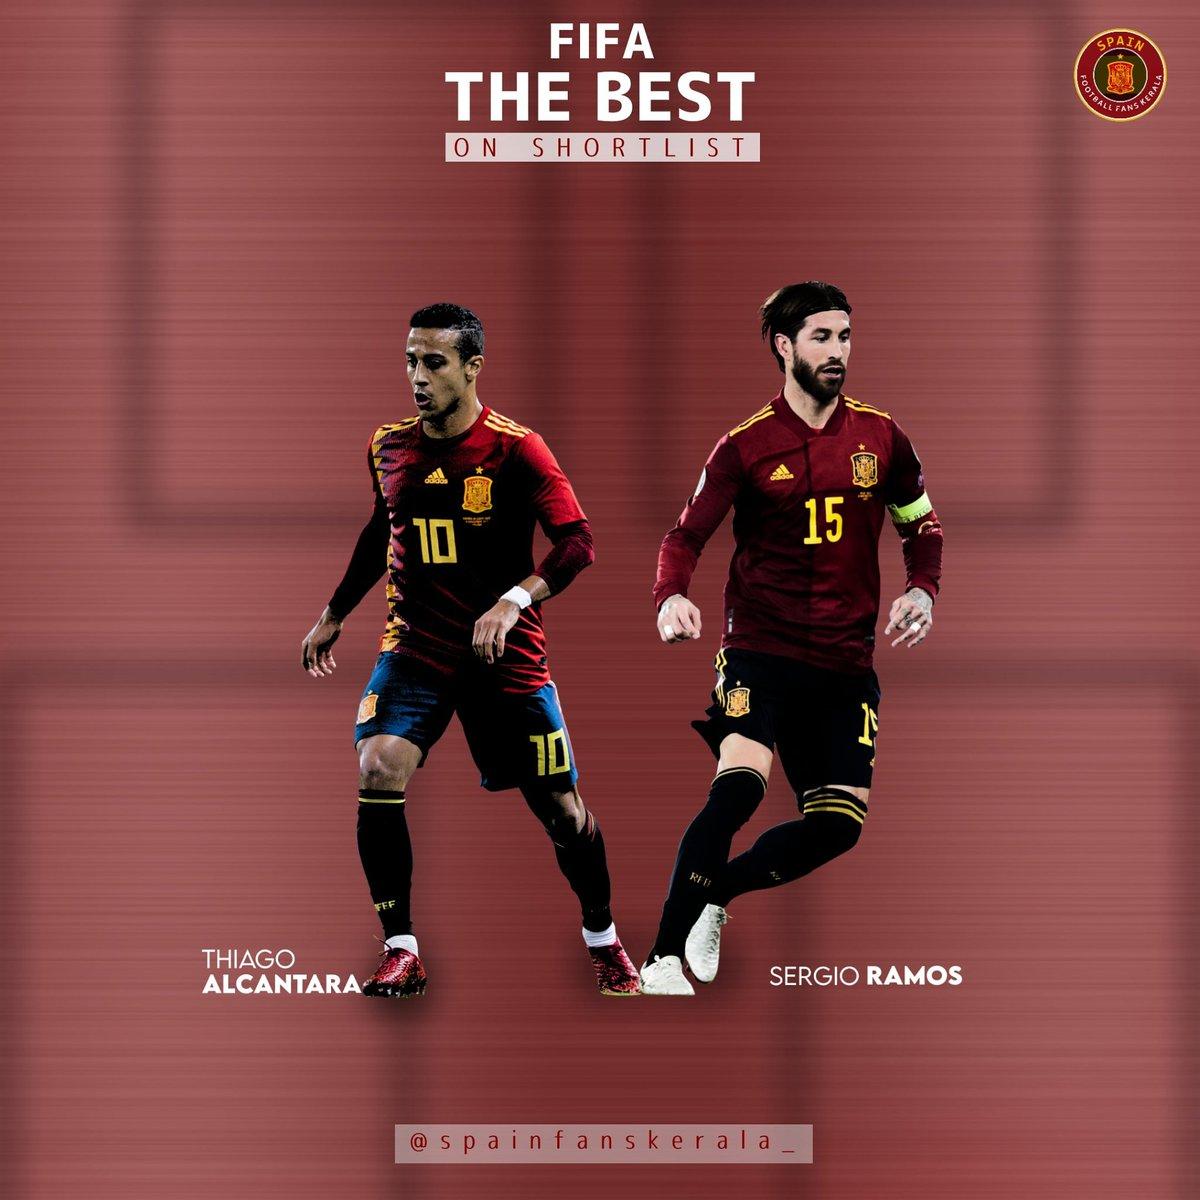 Sergio Ramos & Thiago Alcantara are among the 11 nominees for #TheBest FIFA Men's Player award!  #SomosEspaña🇪🇸 #SFFK